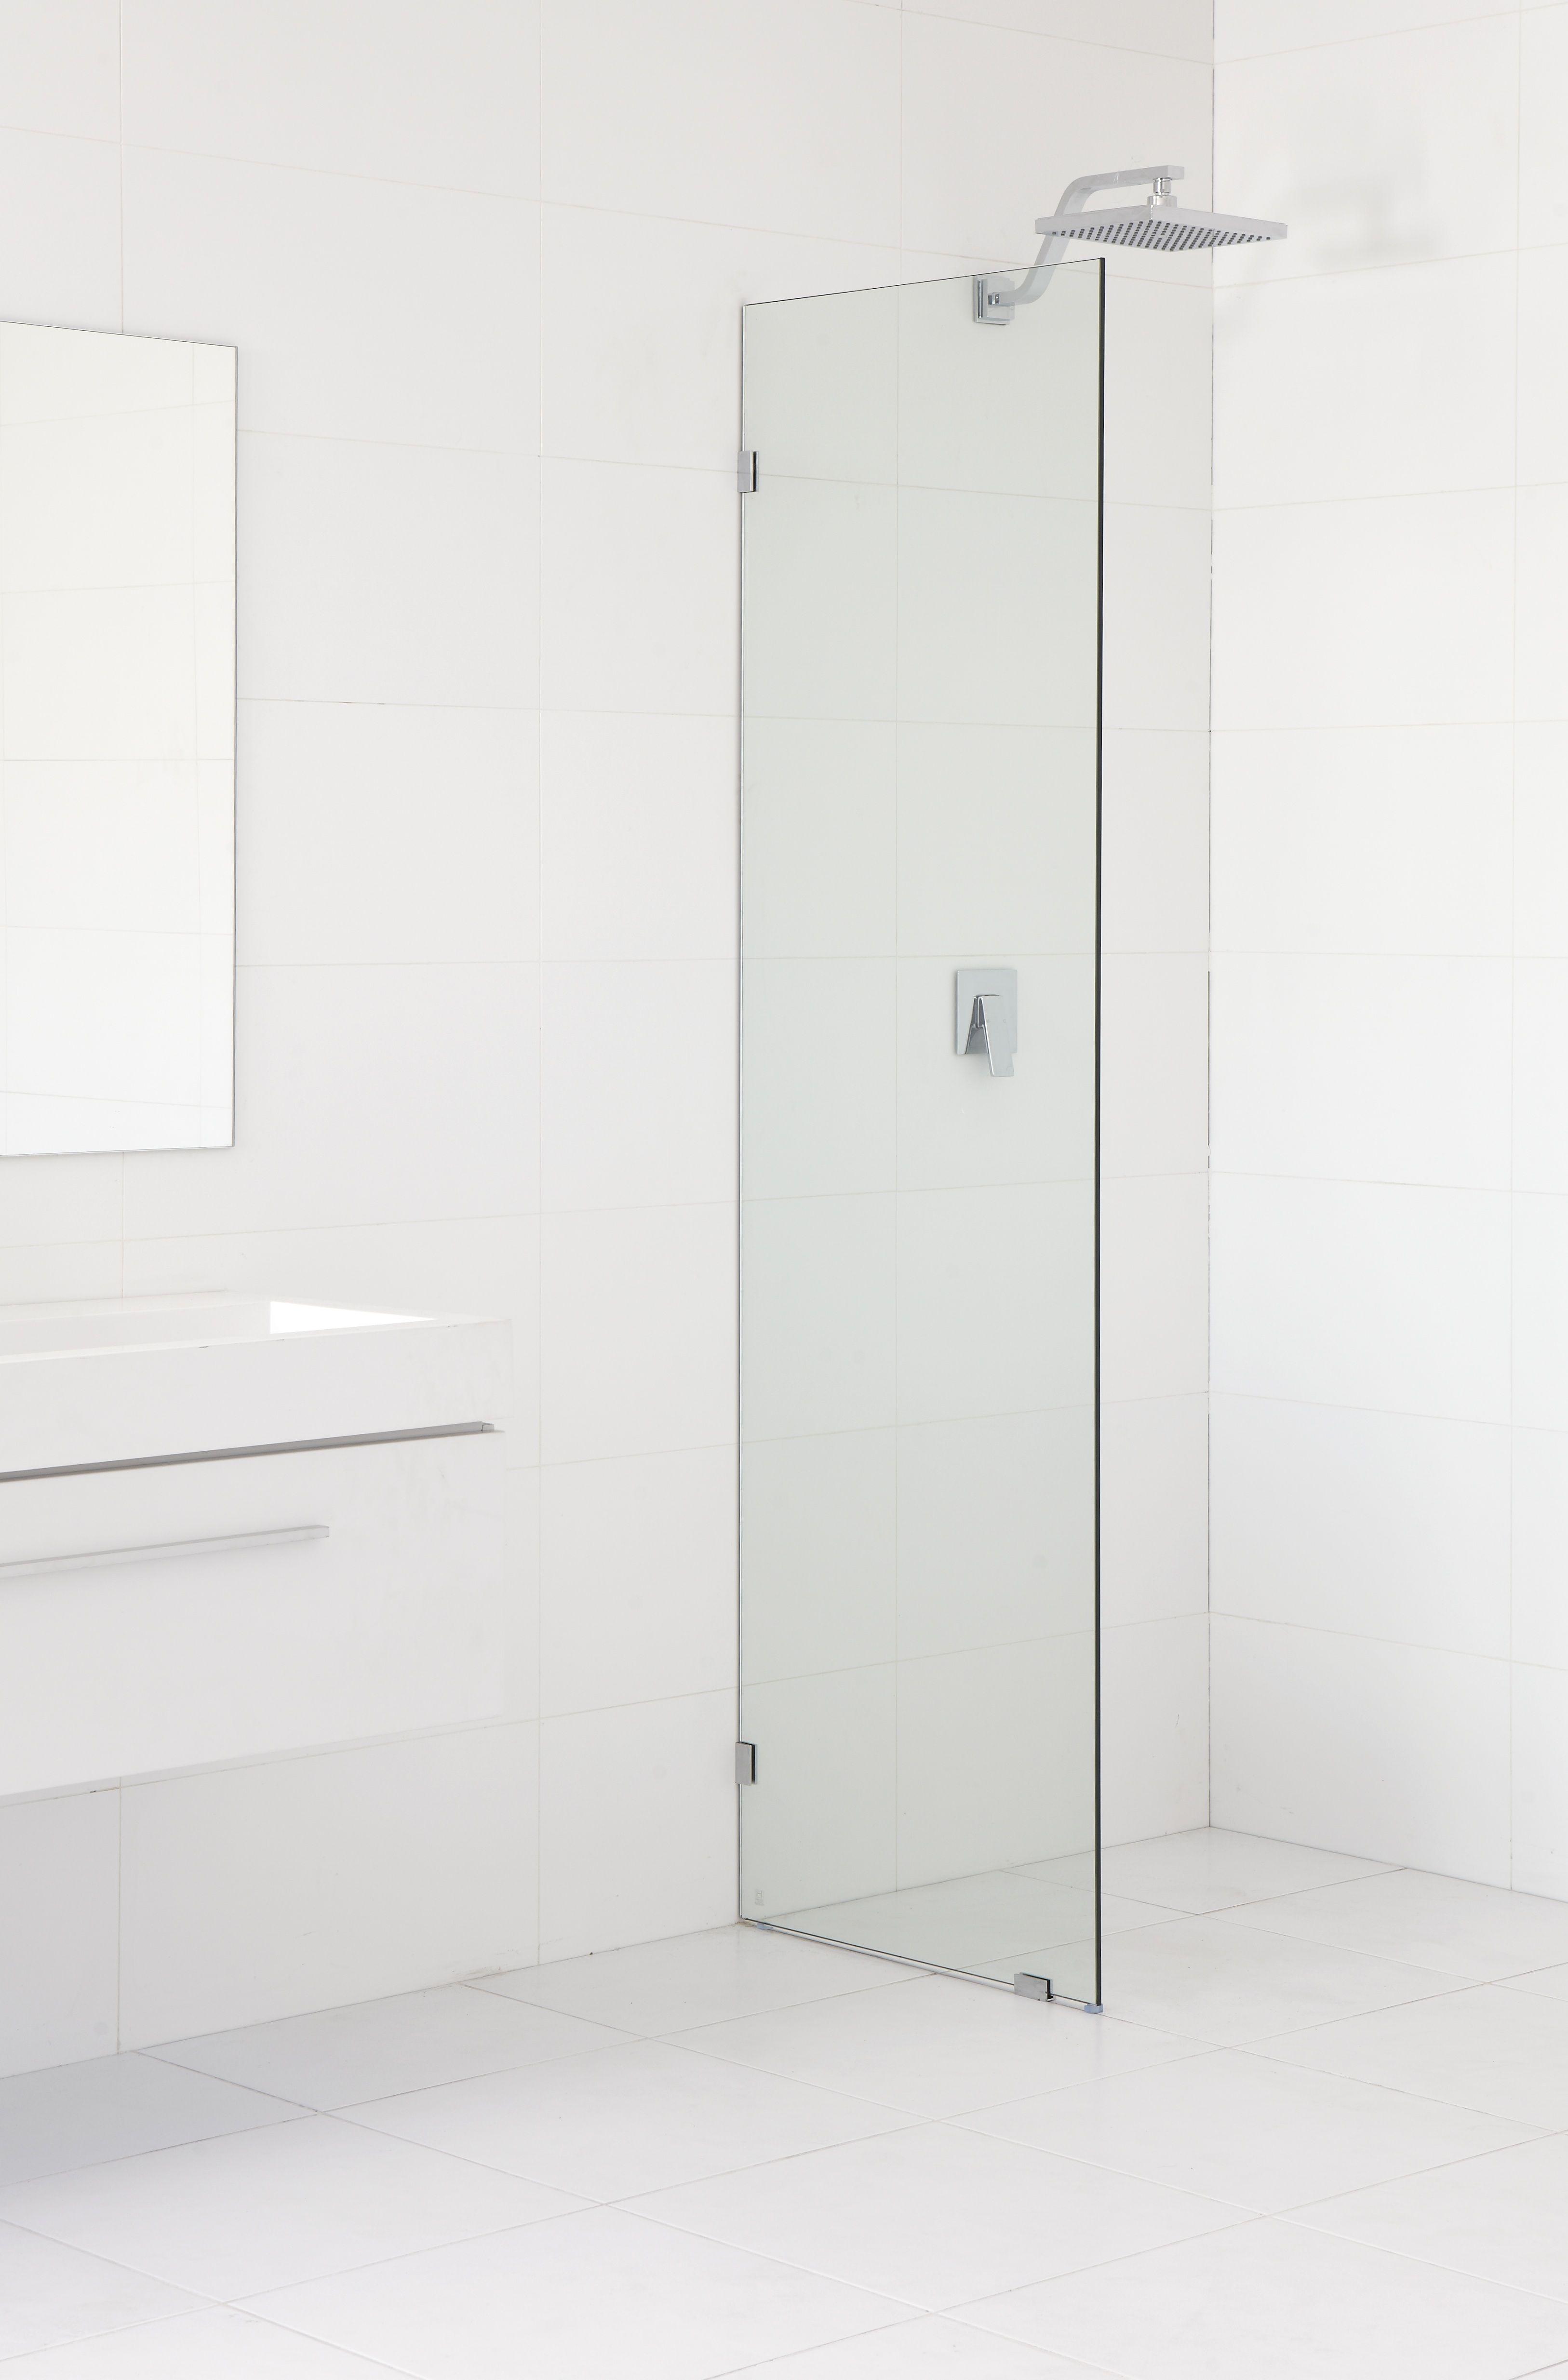 Highgrove 10 X 2000 X 600mm Frameless Glass Shower Panel Kit Bunnings Warehouse Glass Shower Panels Glass Shower Wall Glass Shower